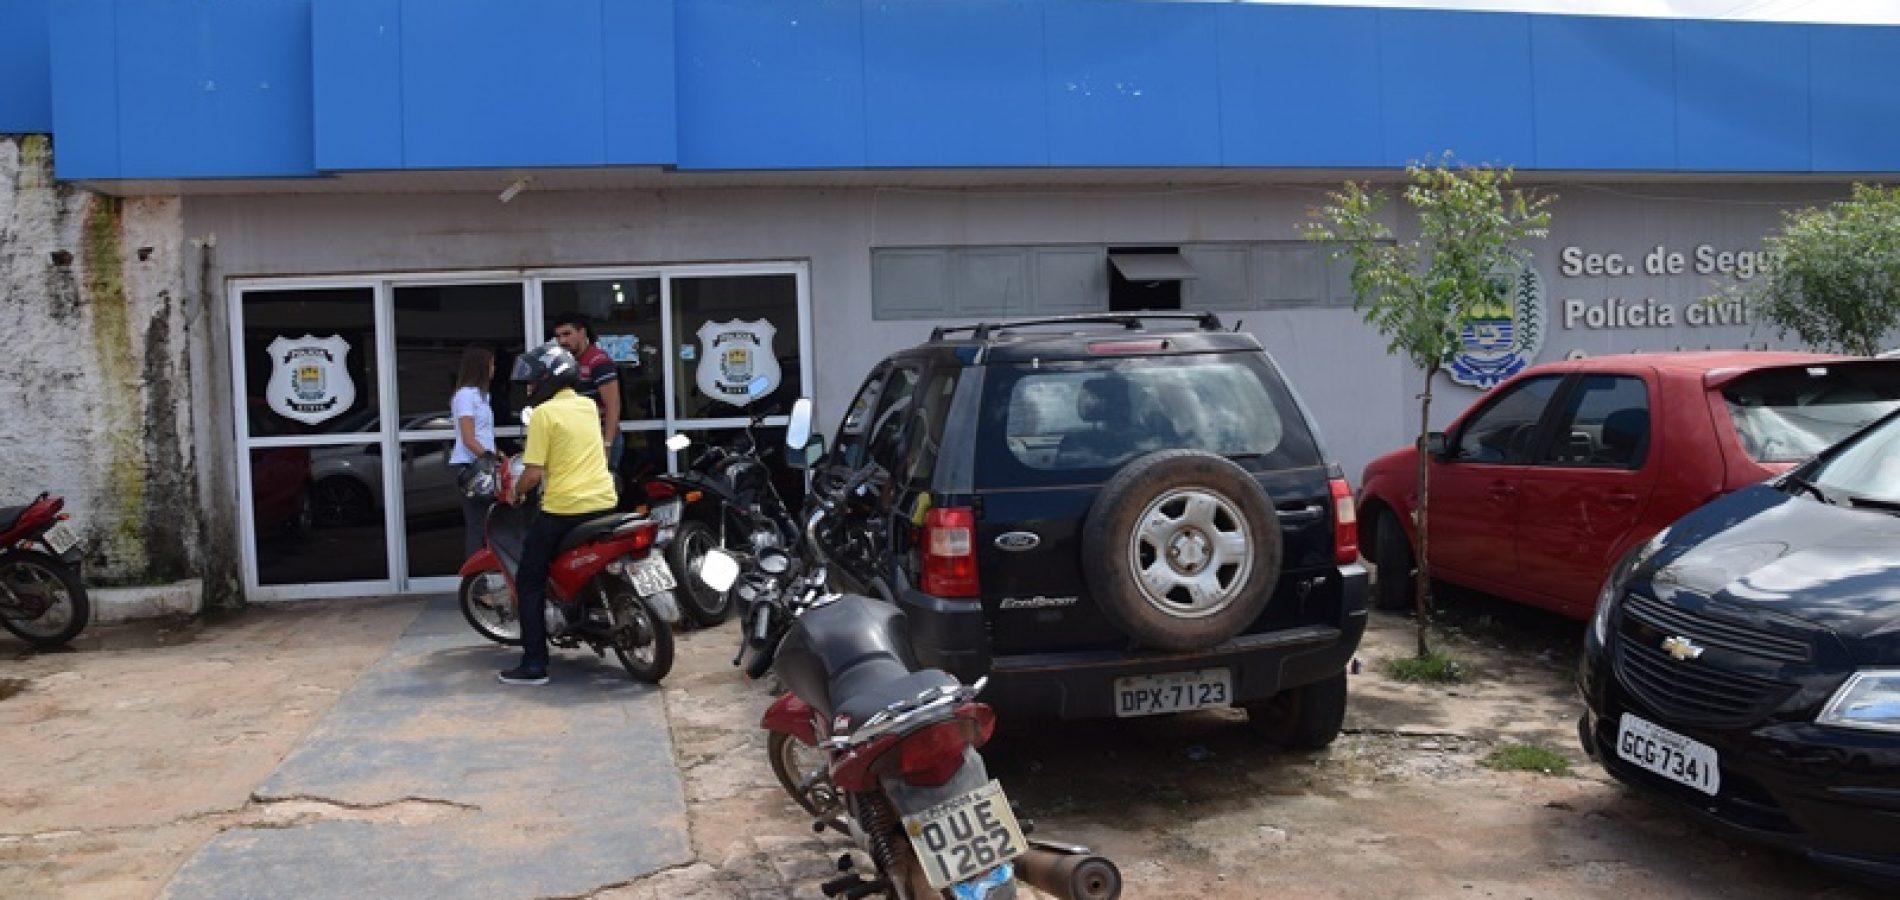 Embriagado, homem é preso ao realizar manobras perigosas no trânsito de Picos